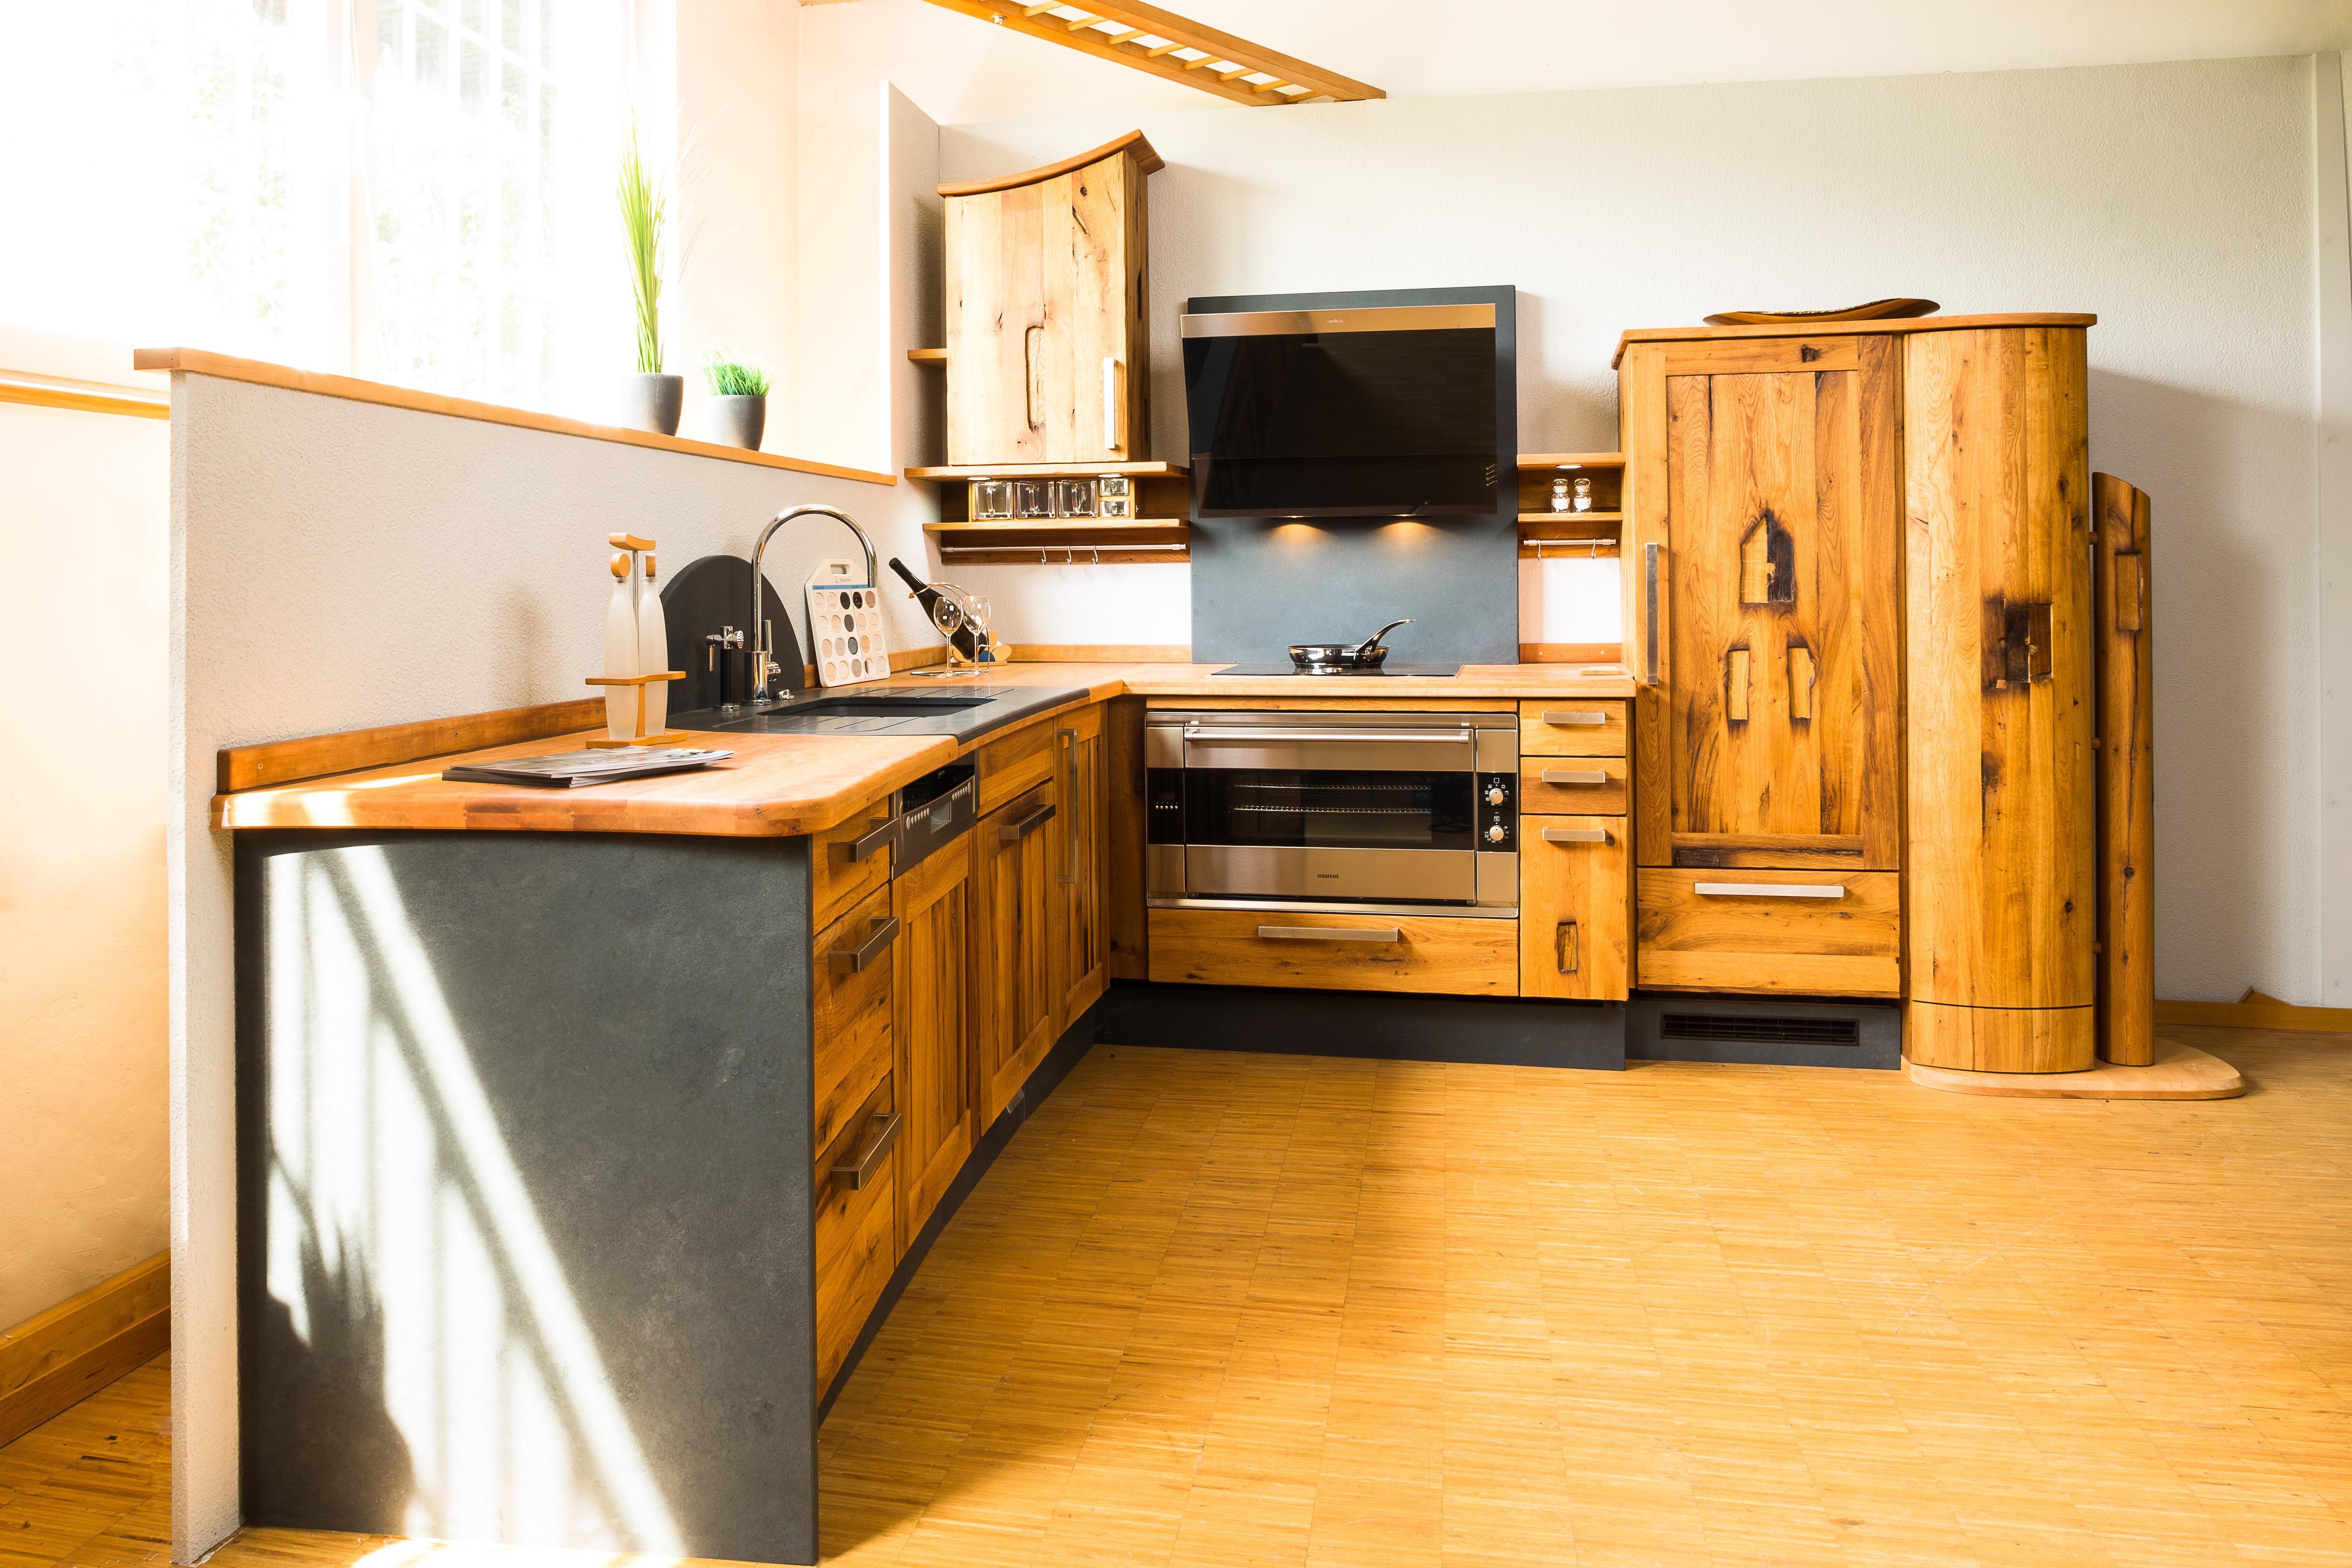 Altholz Kuche Nachhaltige Und Individuell Gestaltete Kuchen Aus Recyceltem Holz Kuchenfinder